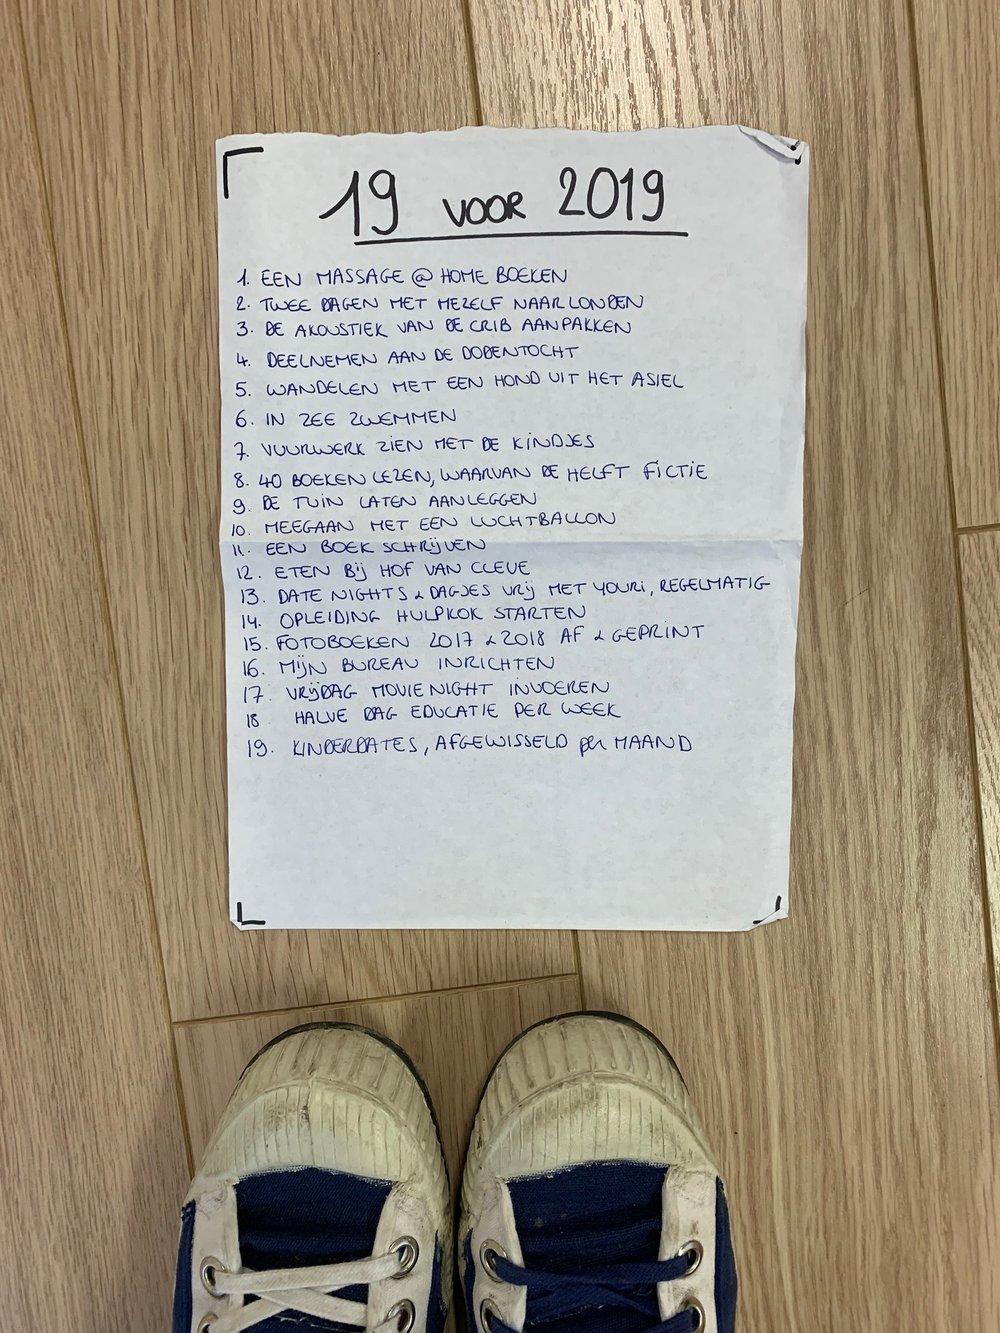 Kelly haar fameuze 19 voor 2019 lijstje. En haar voeten. Tja.